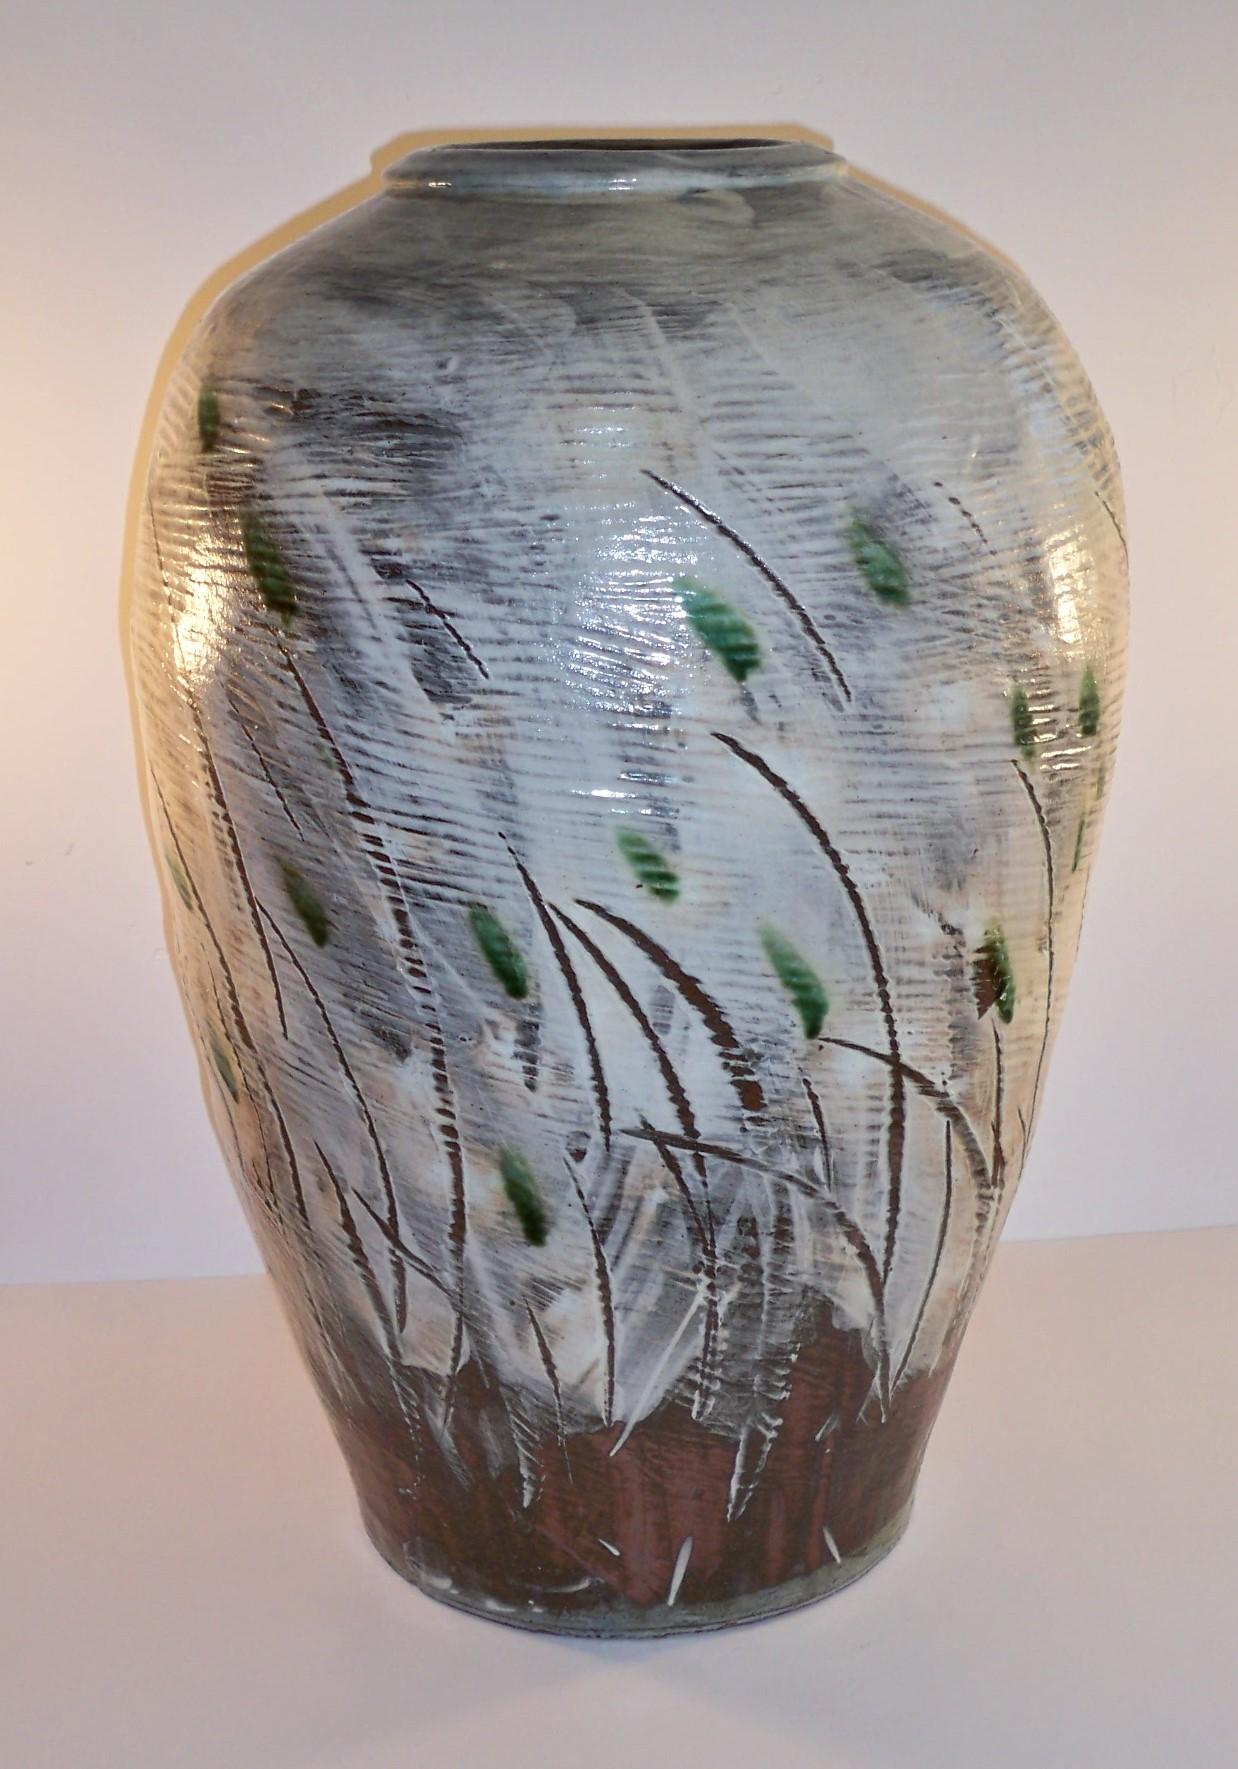 Hunt and Dalglish onggi jar